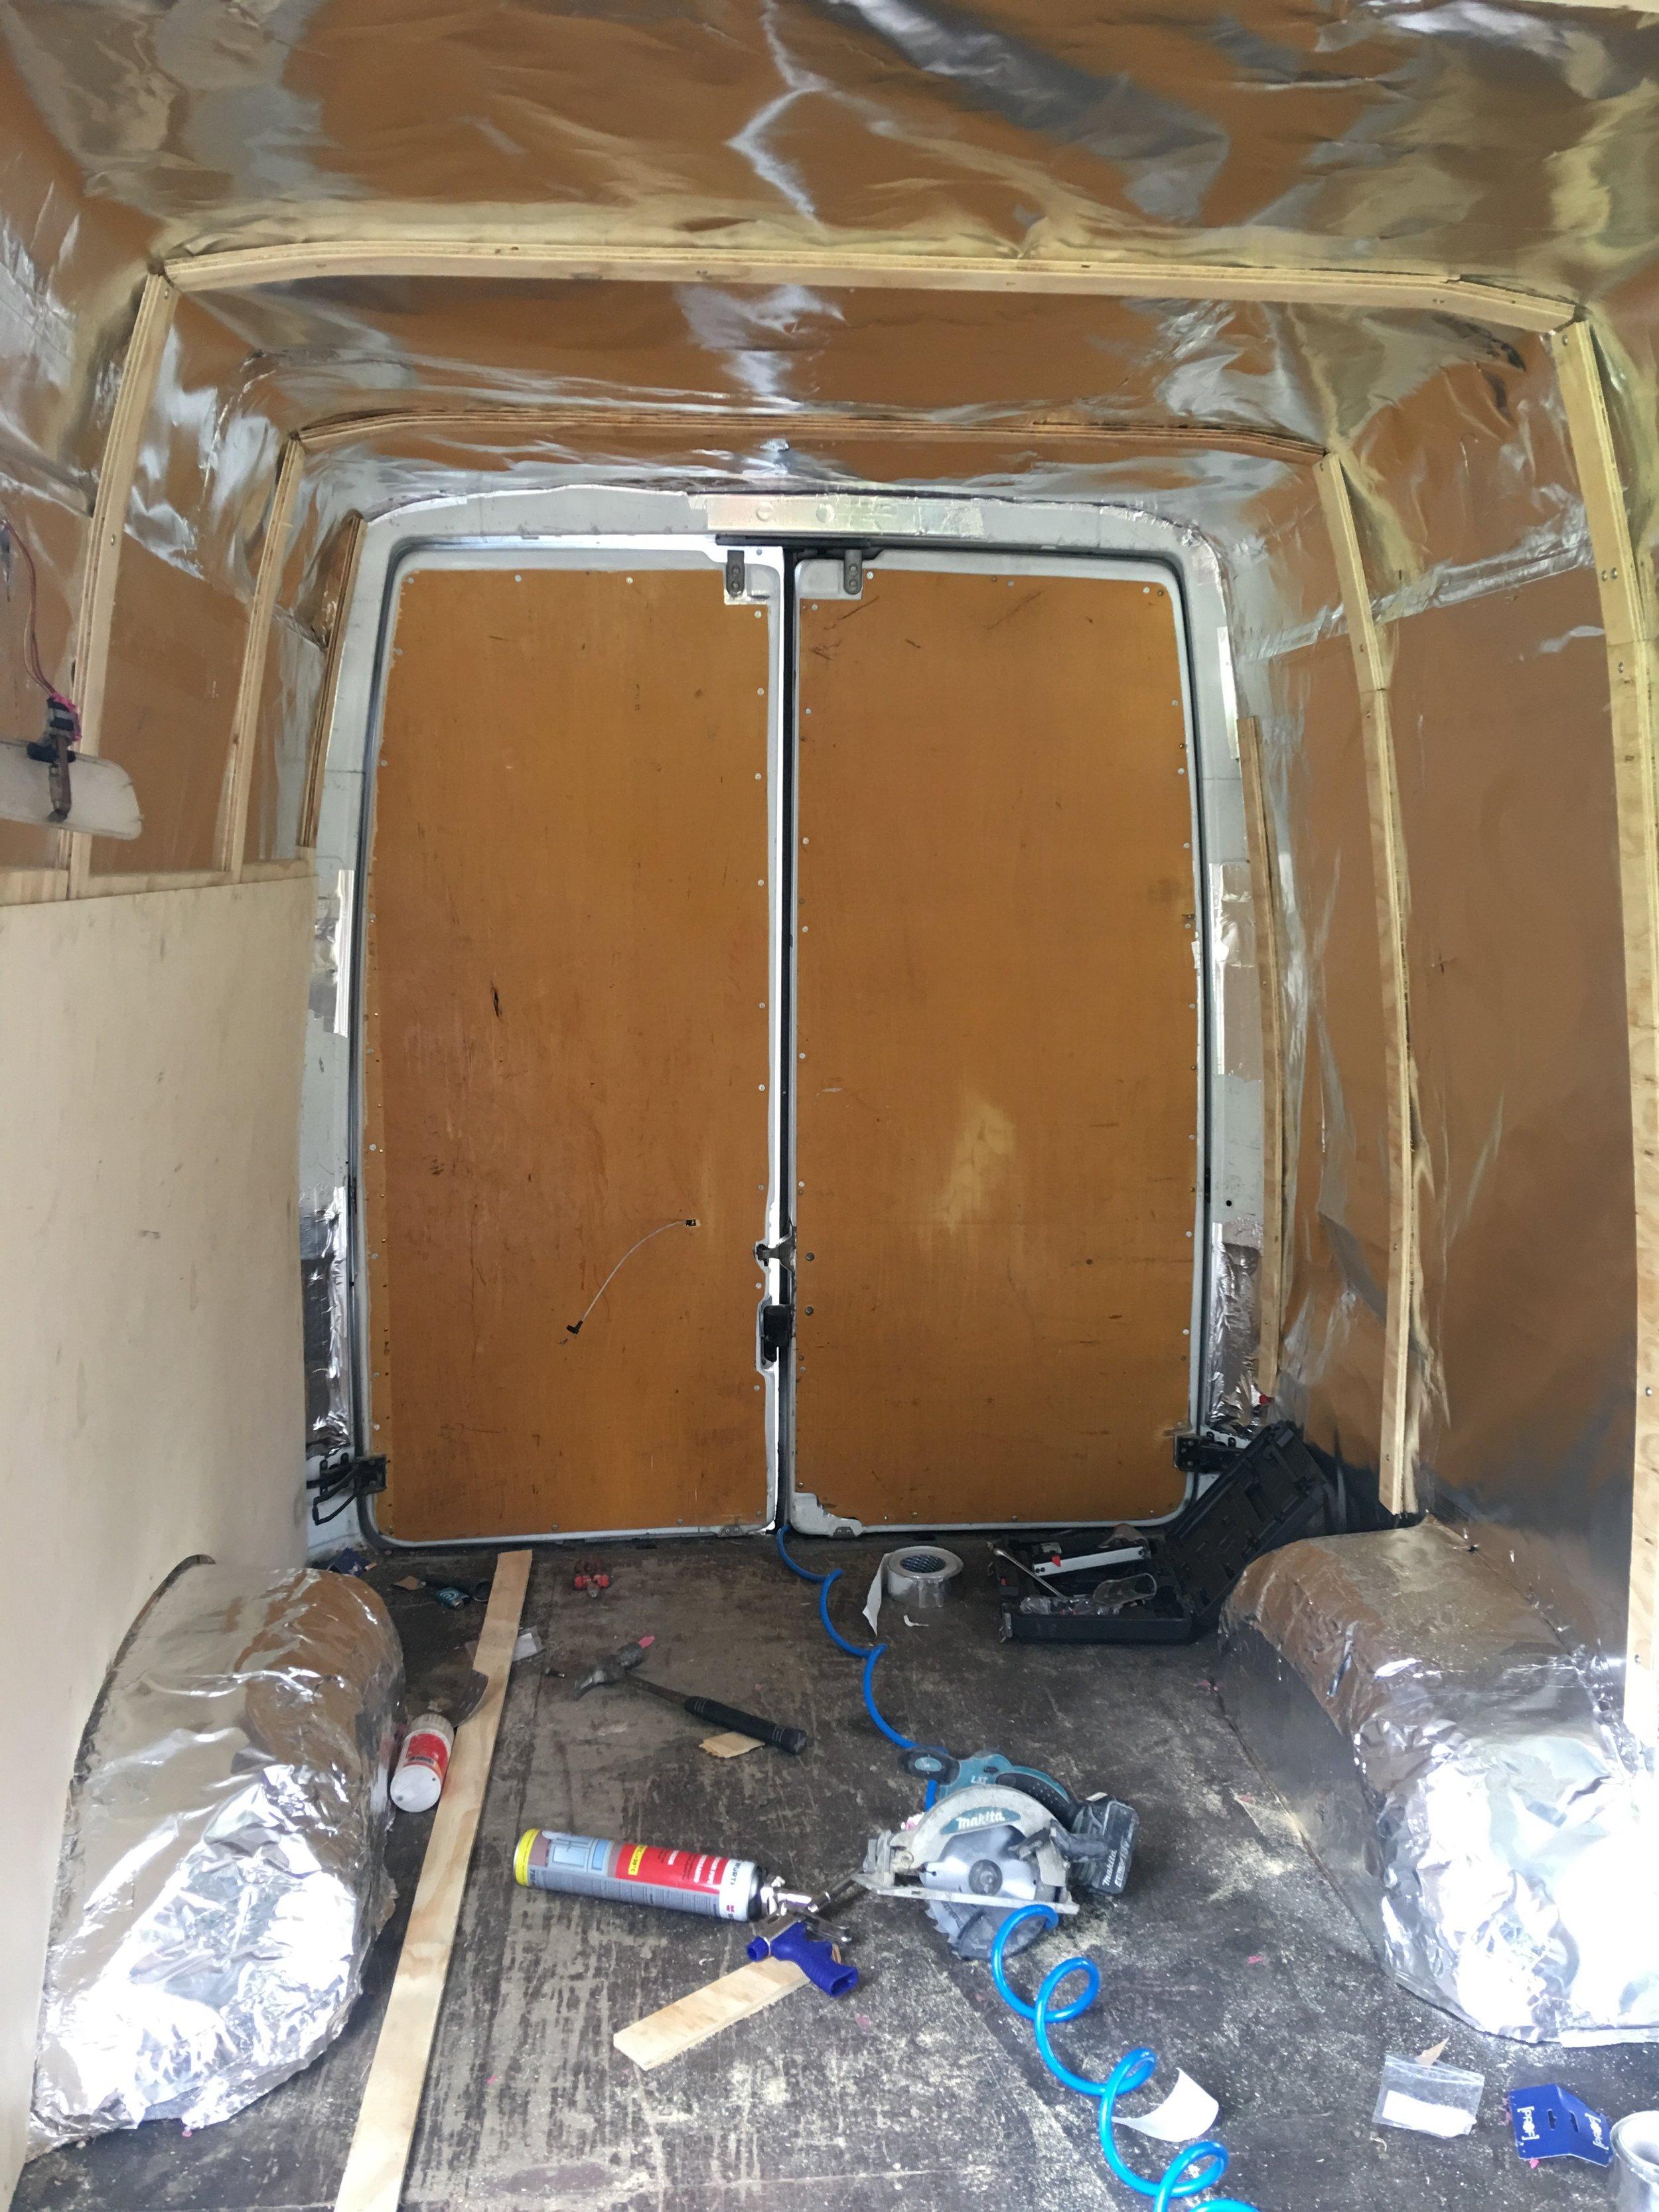 Seinien varsinainen verhoilu tehtiin koivuvanerista. Vanerilevyjen kiinnitystä varten tarvittiin tukirimat. Halusimme kattoon kulmien sijaan pyöreyttä. Vanerilevyt taivutettiin paikoilleen ja naulattiin kiinni tukirimoihin.  Taivutus onnistui hyvin. Katon rajassa, vasemmalla, näette suoraa kulmaa. Tuo kohta jäi myöhemmin rakennettujen hyllyjen taa piiloon. Näin säästettiin voimia,vaneria ja mikä tärkeintä,kaareva muoto ei syö säilytystilaa kaapin sisällä. Hienoin olisi ollut täysin kaareva katto, mutta tarvitaanhan retkiautoon toki myös retkivarusteet. Fiiliksen vuoksi päätimme jättääsängyn ylle avoimen tilan, jossa kaarevuus on kokonaista.